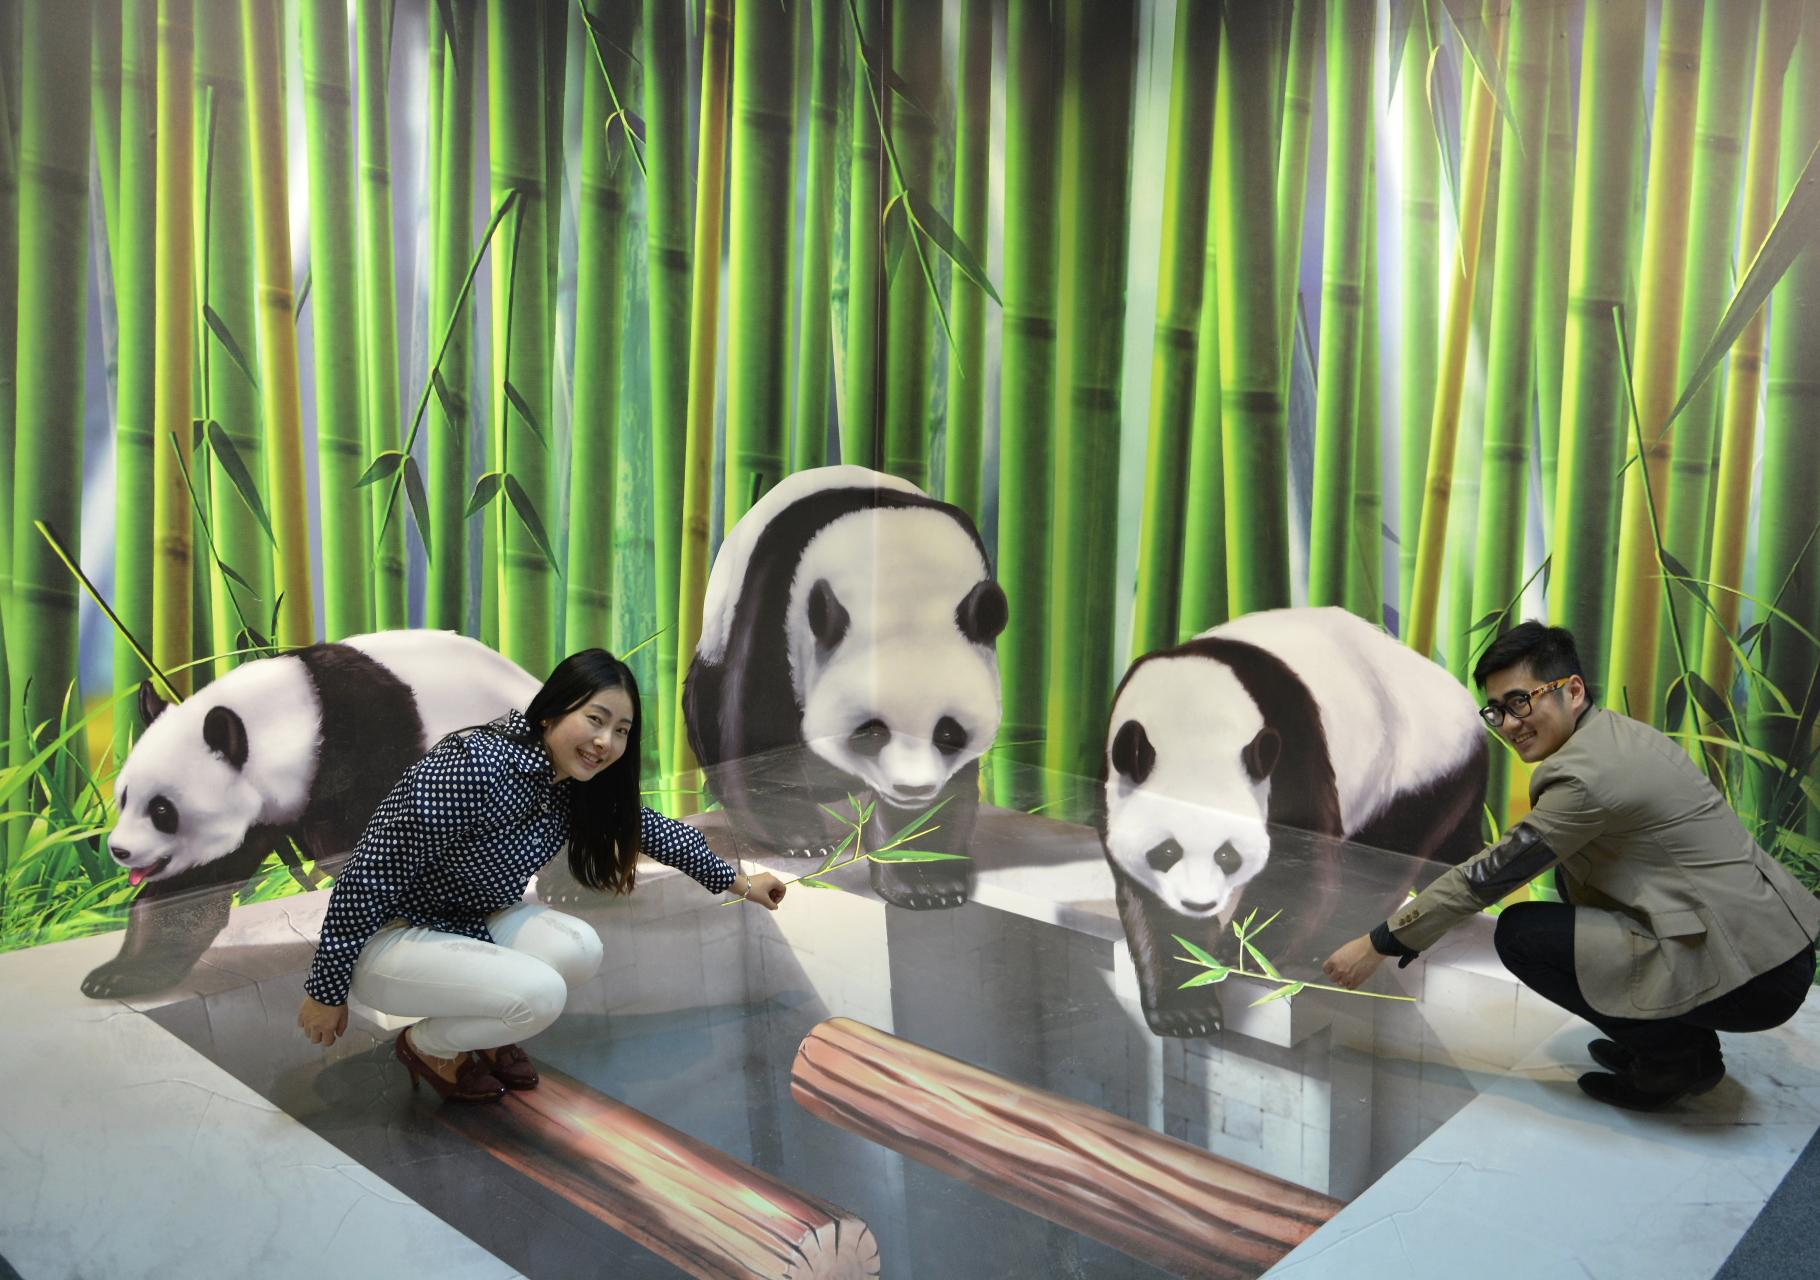 壁纸 大熊猫 动物 1820